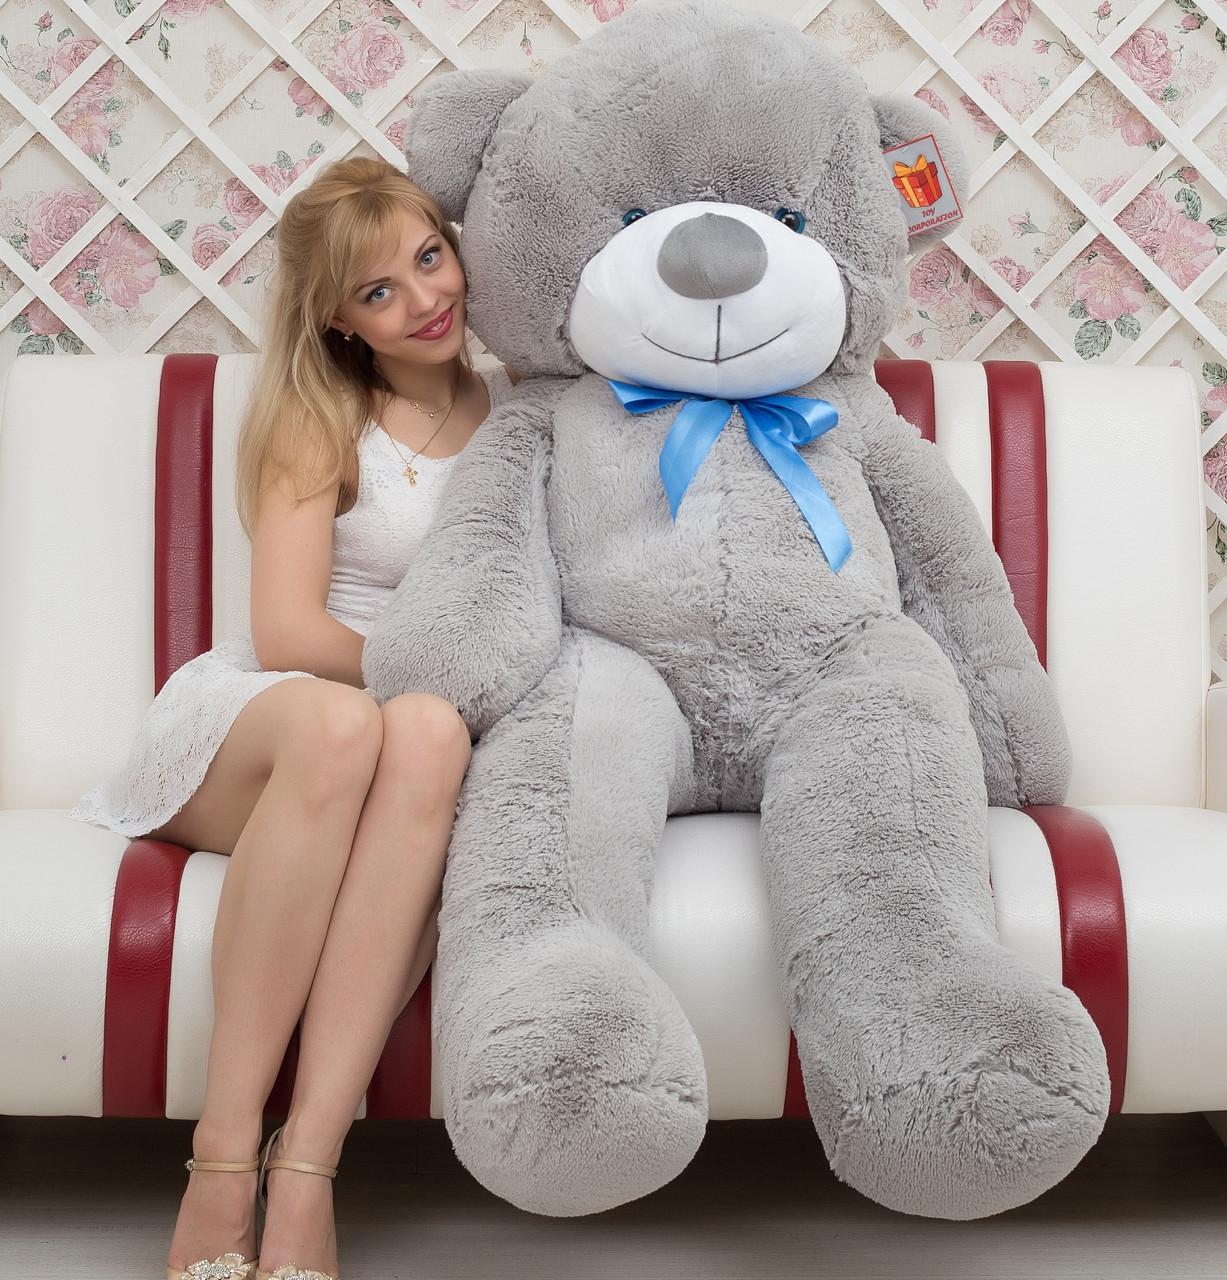 🌟🌟🌟⭐⭐❤️Плюшевый Мишка 2 метра. Большой Плюшевый Медведь. Большая Мягкая игрушка Плюшевый Мишка 200 см.